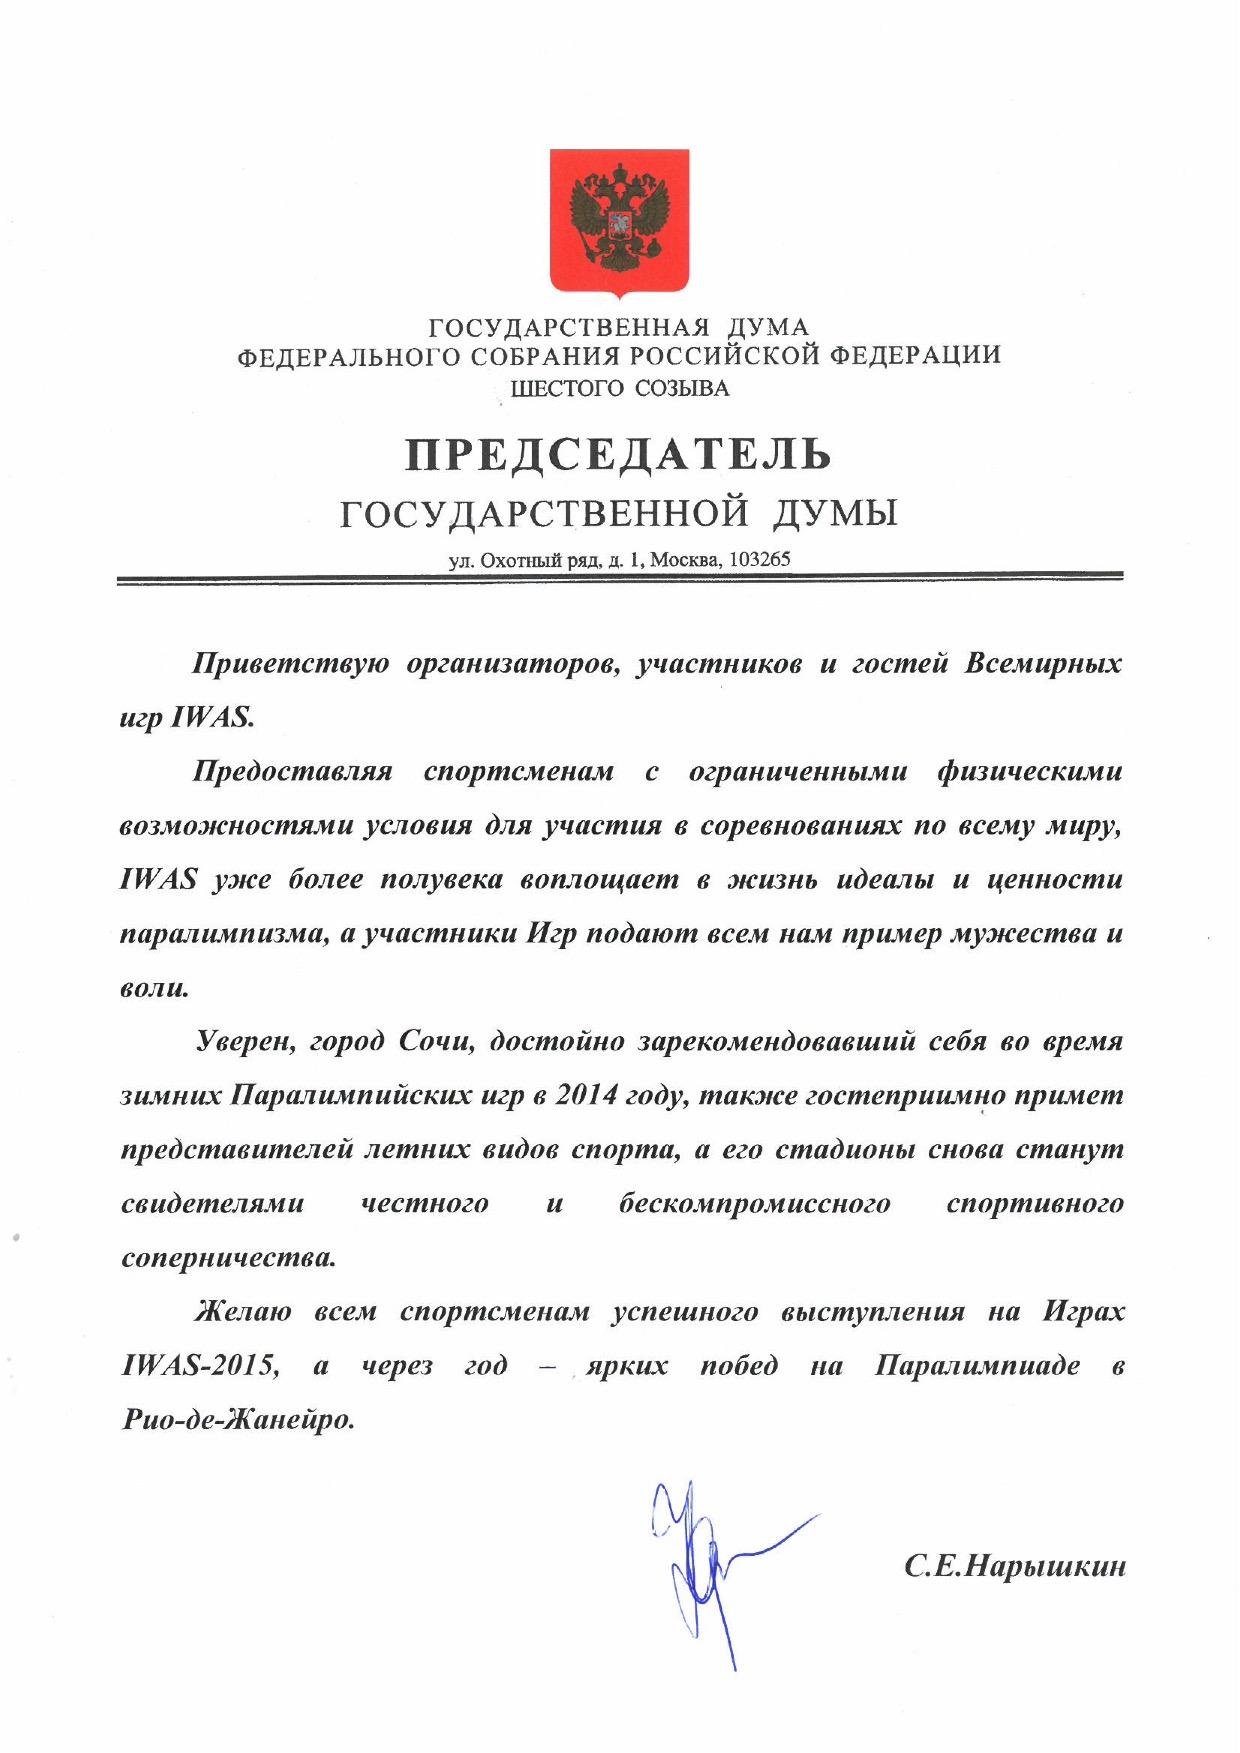 Приветствие участникам Всемирных игр IWAS Председателя Государственной думы Федерального собрания Российской Федерации С.Е. Нарышкина